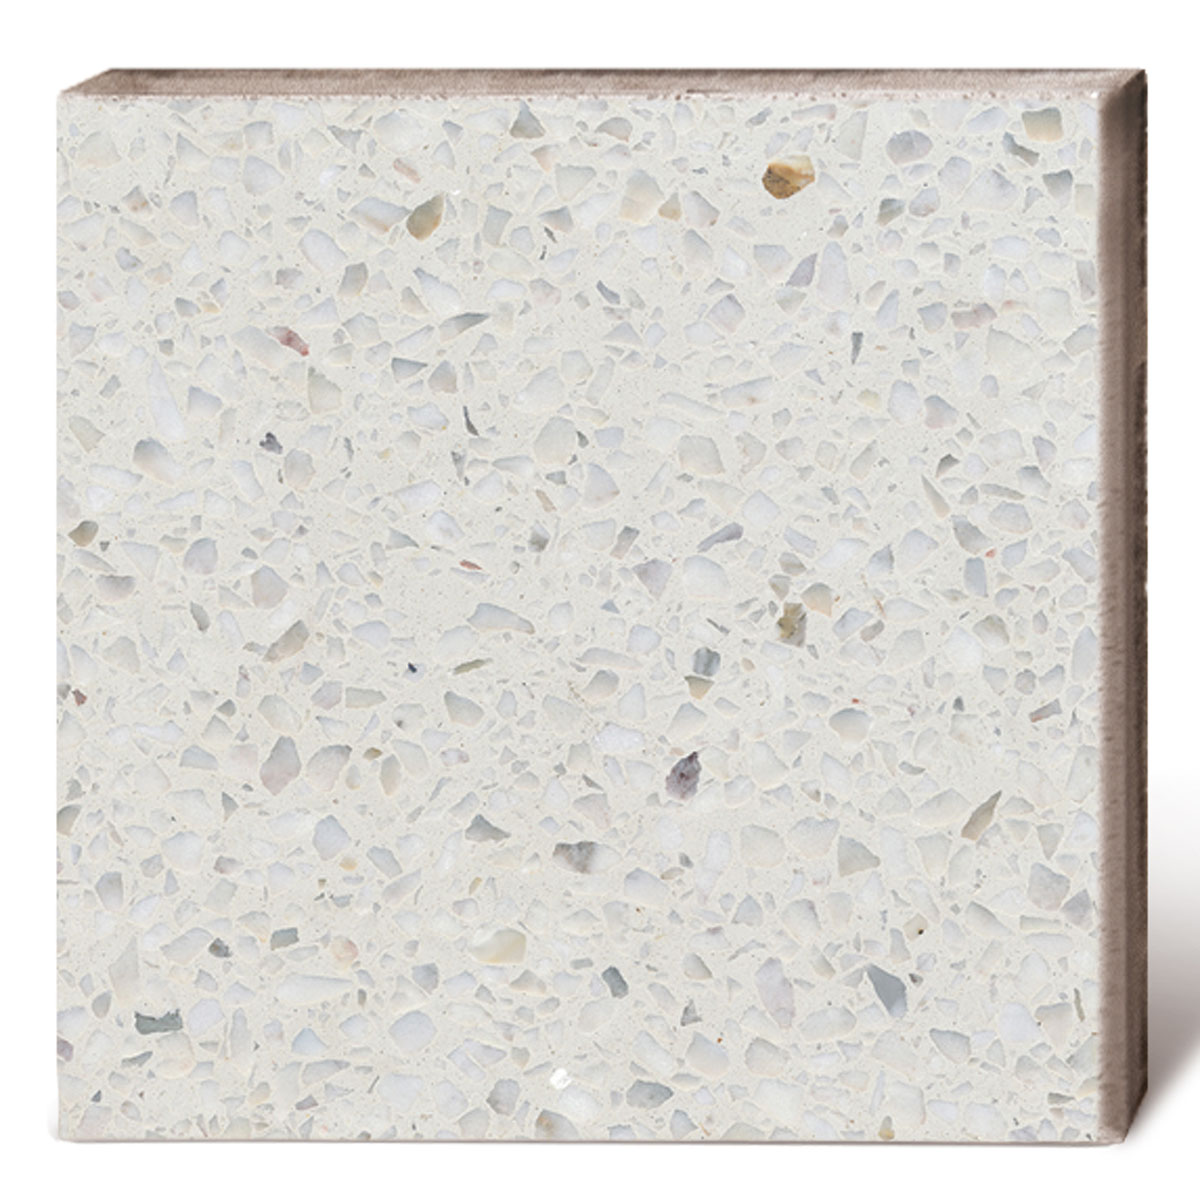 Terrazzo Tile GROSSO White Von Replicata